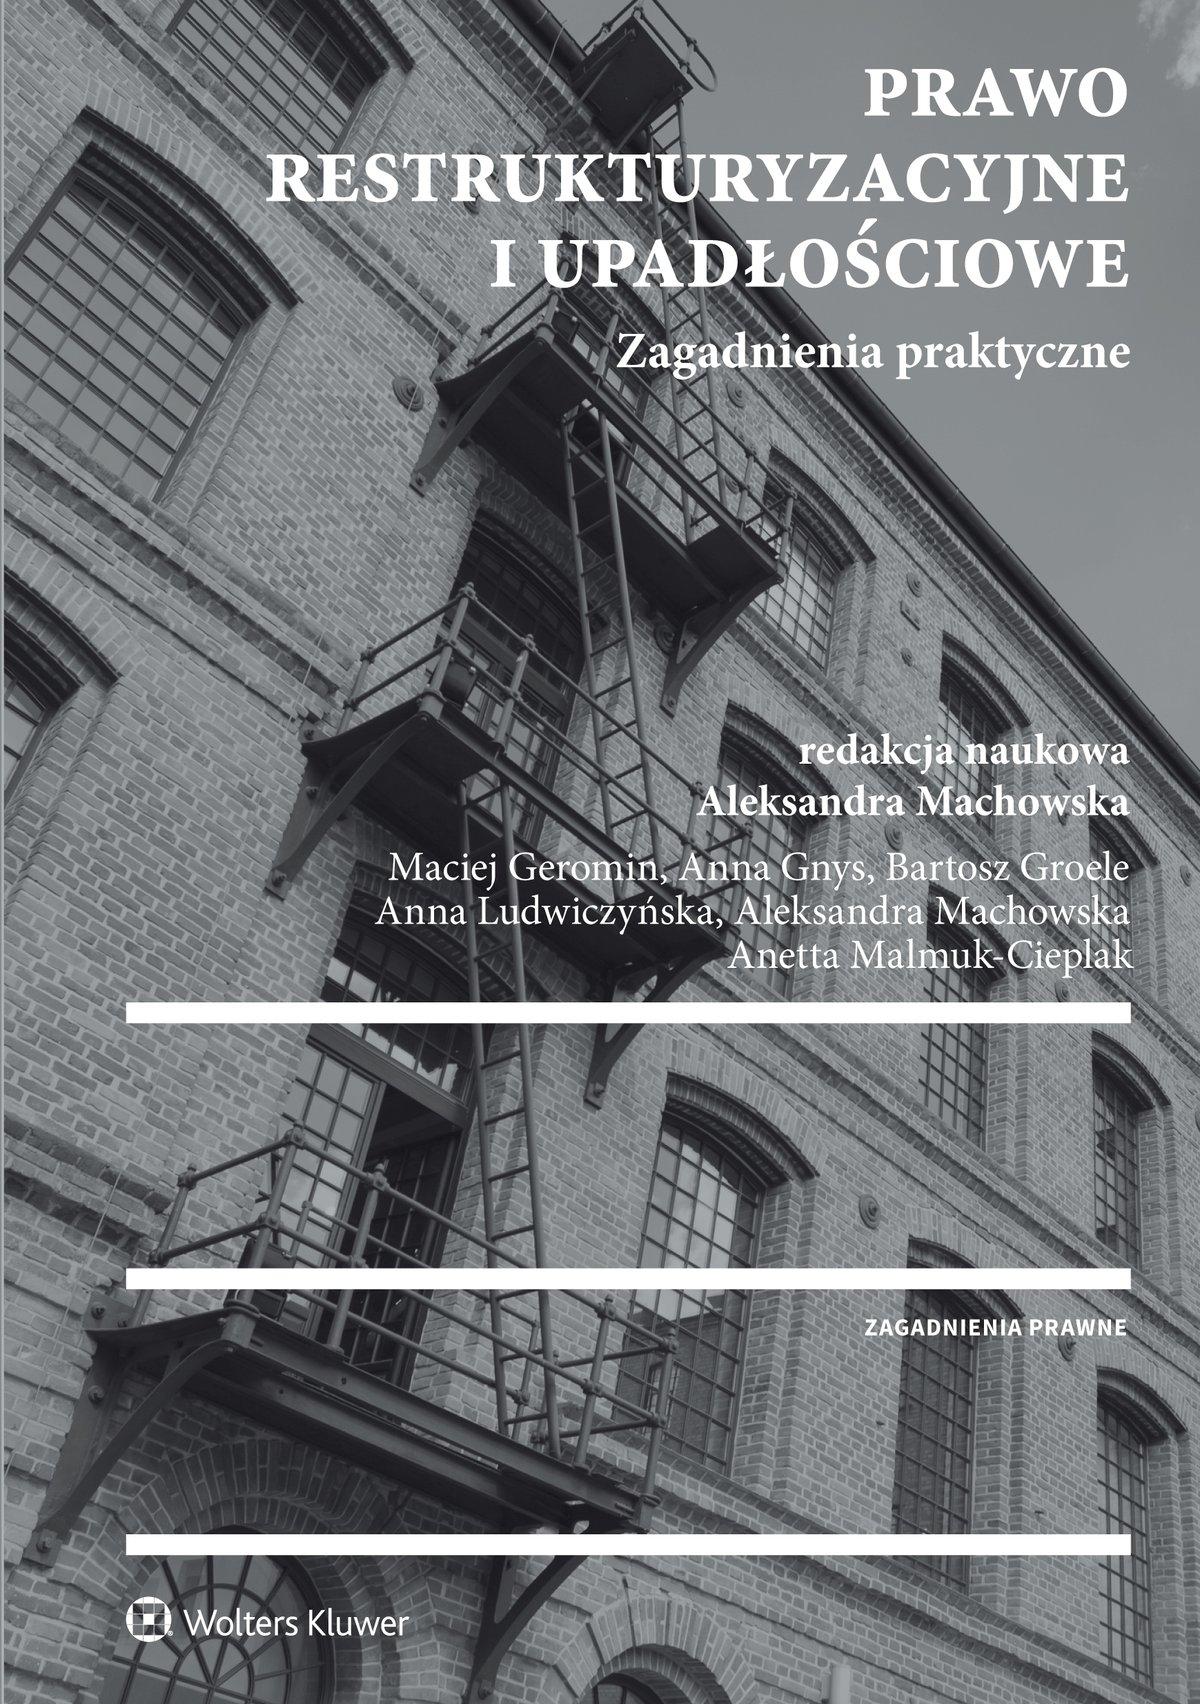 Prawo restrukturyzacyjne i upadłościowe. Zagadnienia praktyczne - Ebook (Książka EPUB) do pobrania w formacie EPUB